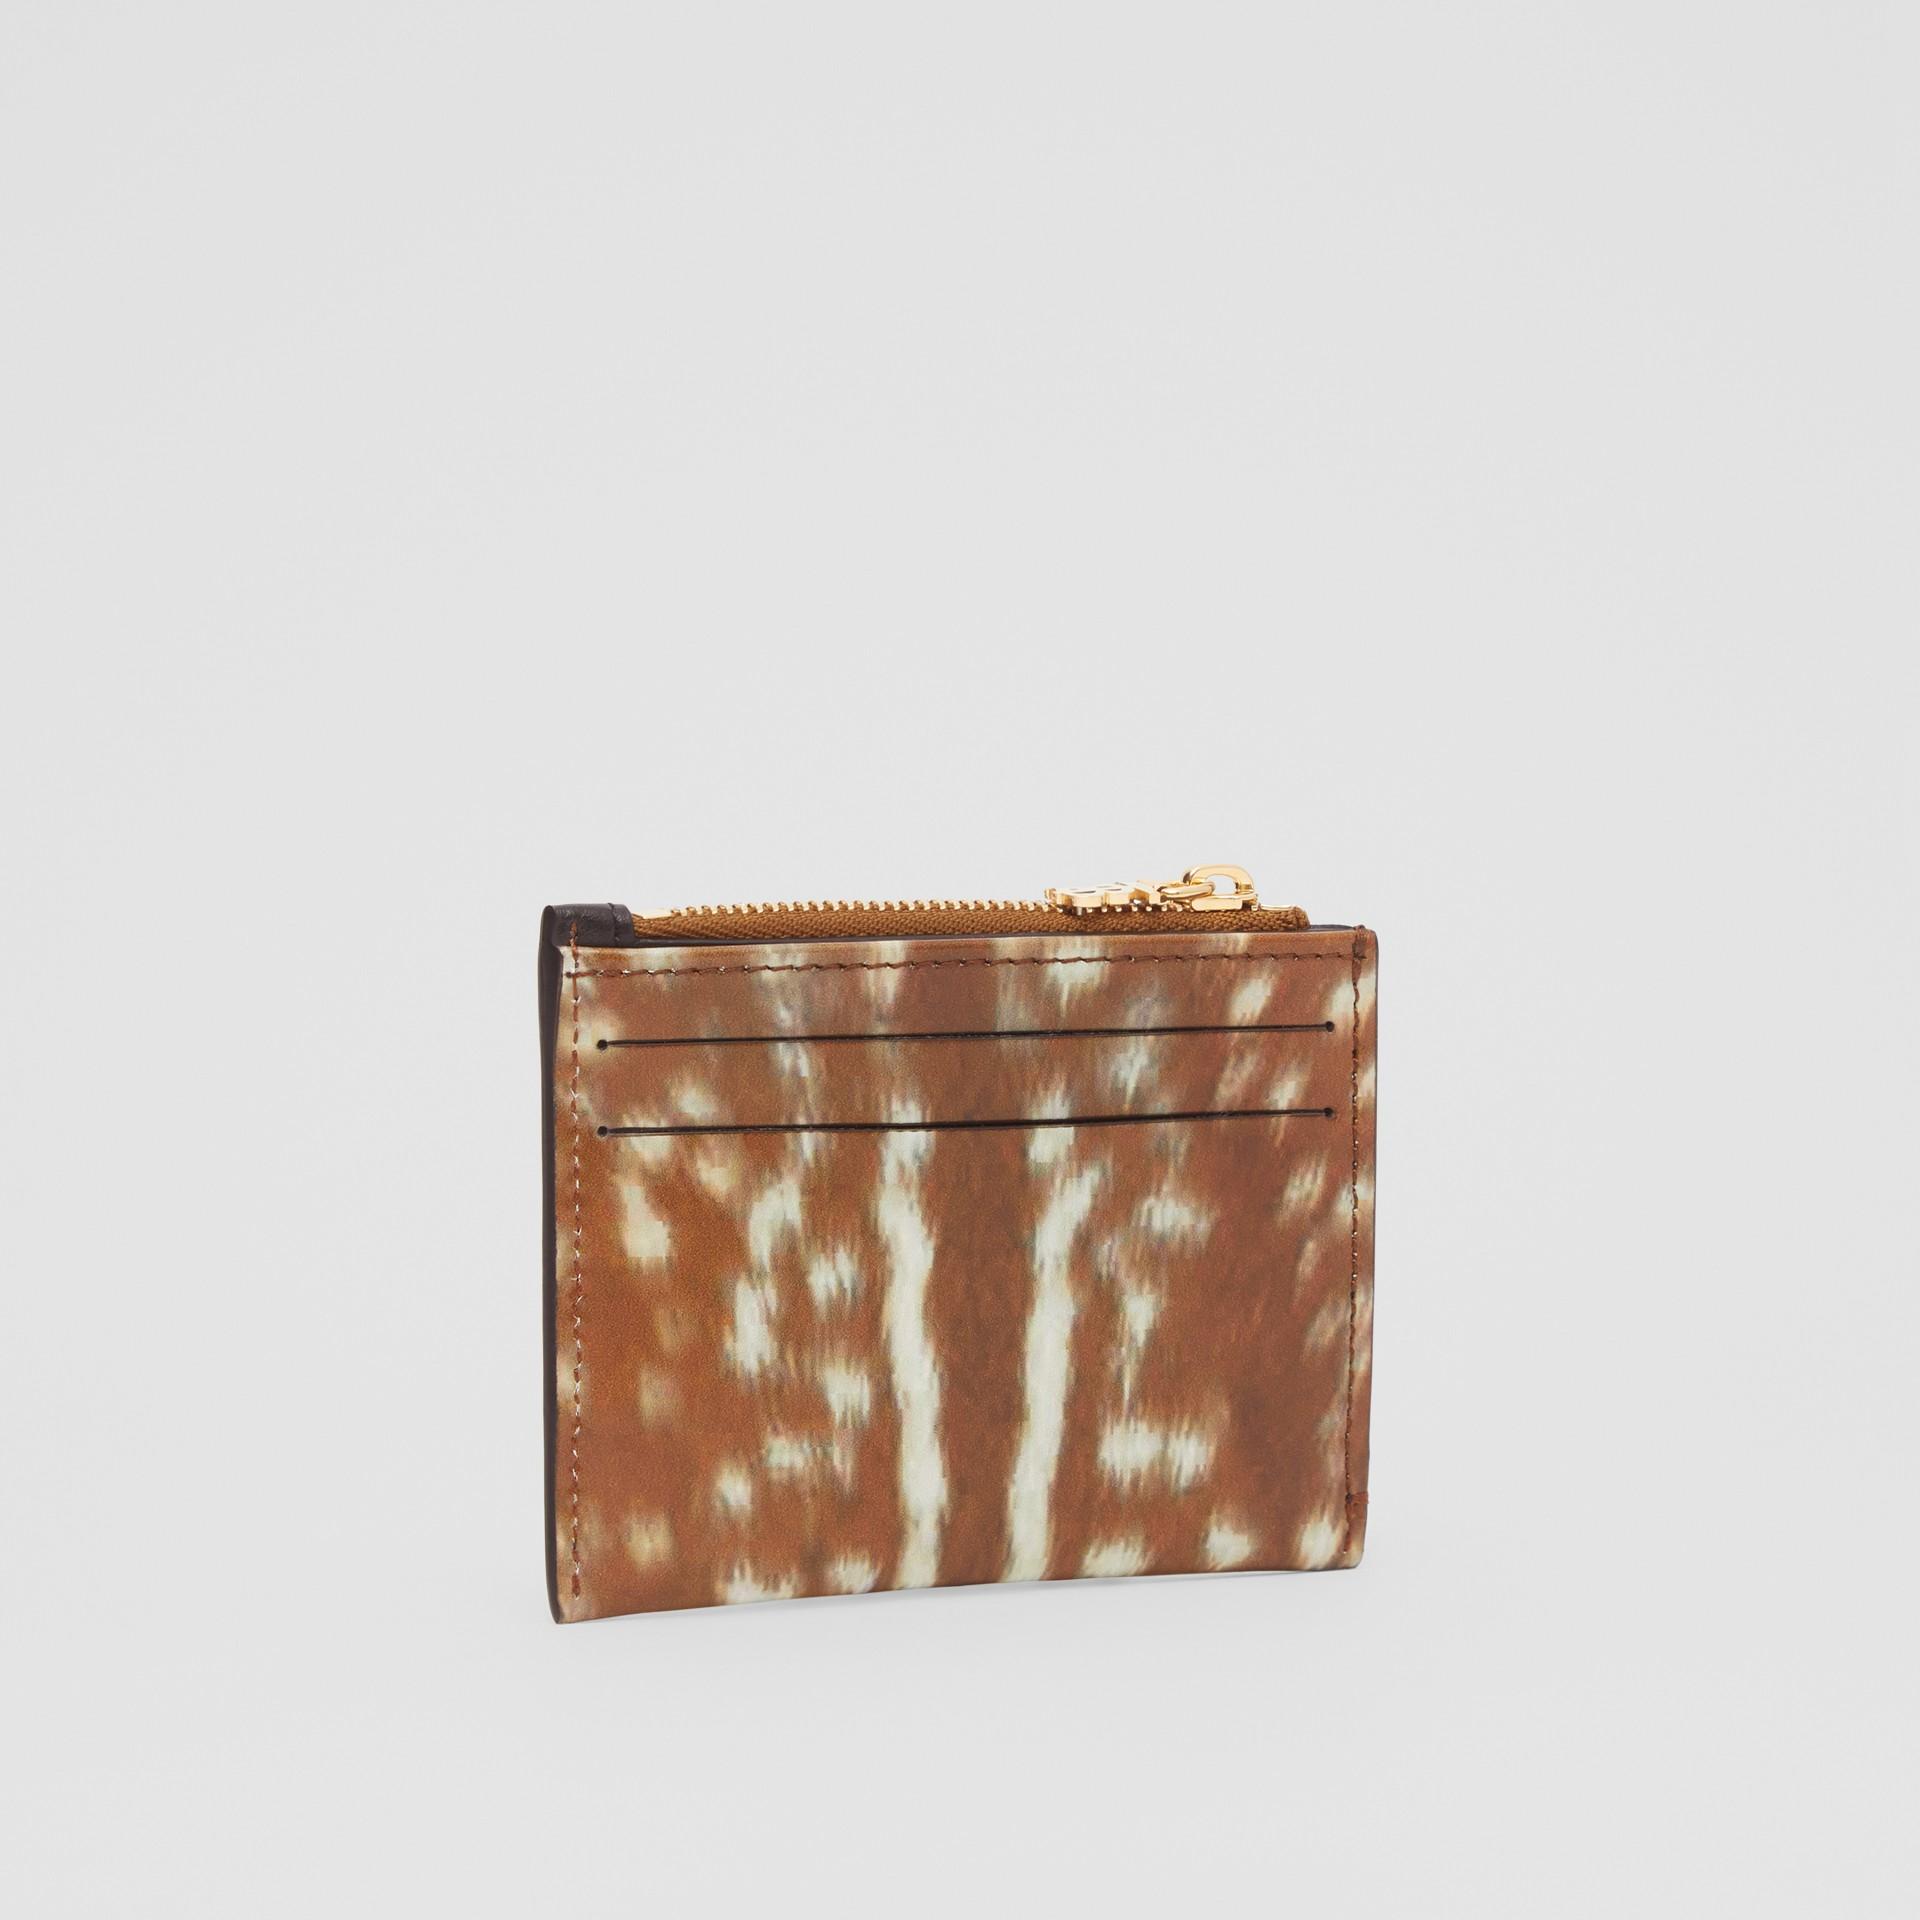 Футляр для карт из кожи с оленьим принтом (Солодовый) - Для женщин | Burberry - изображение 3